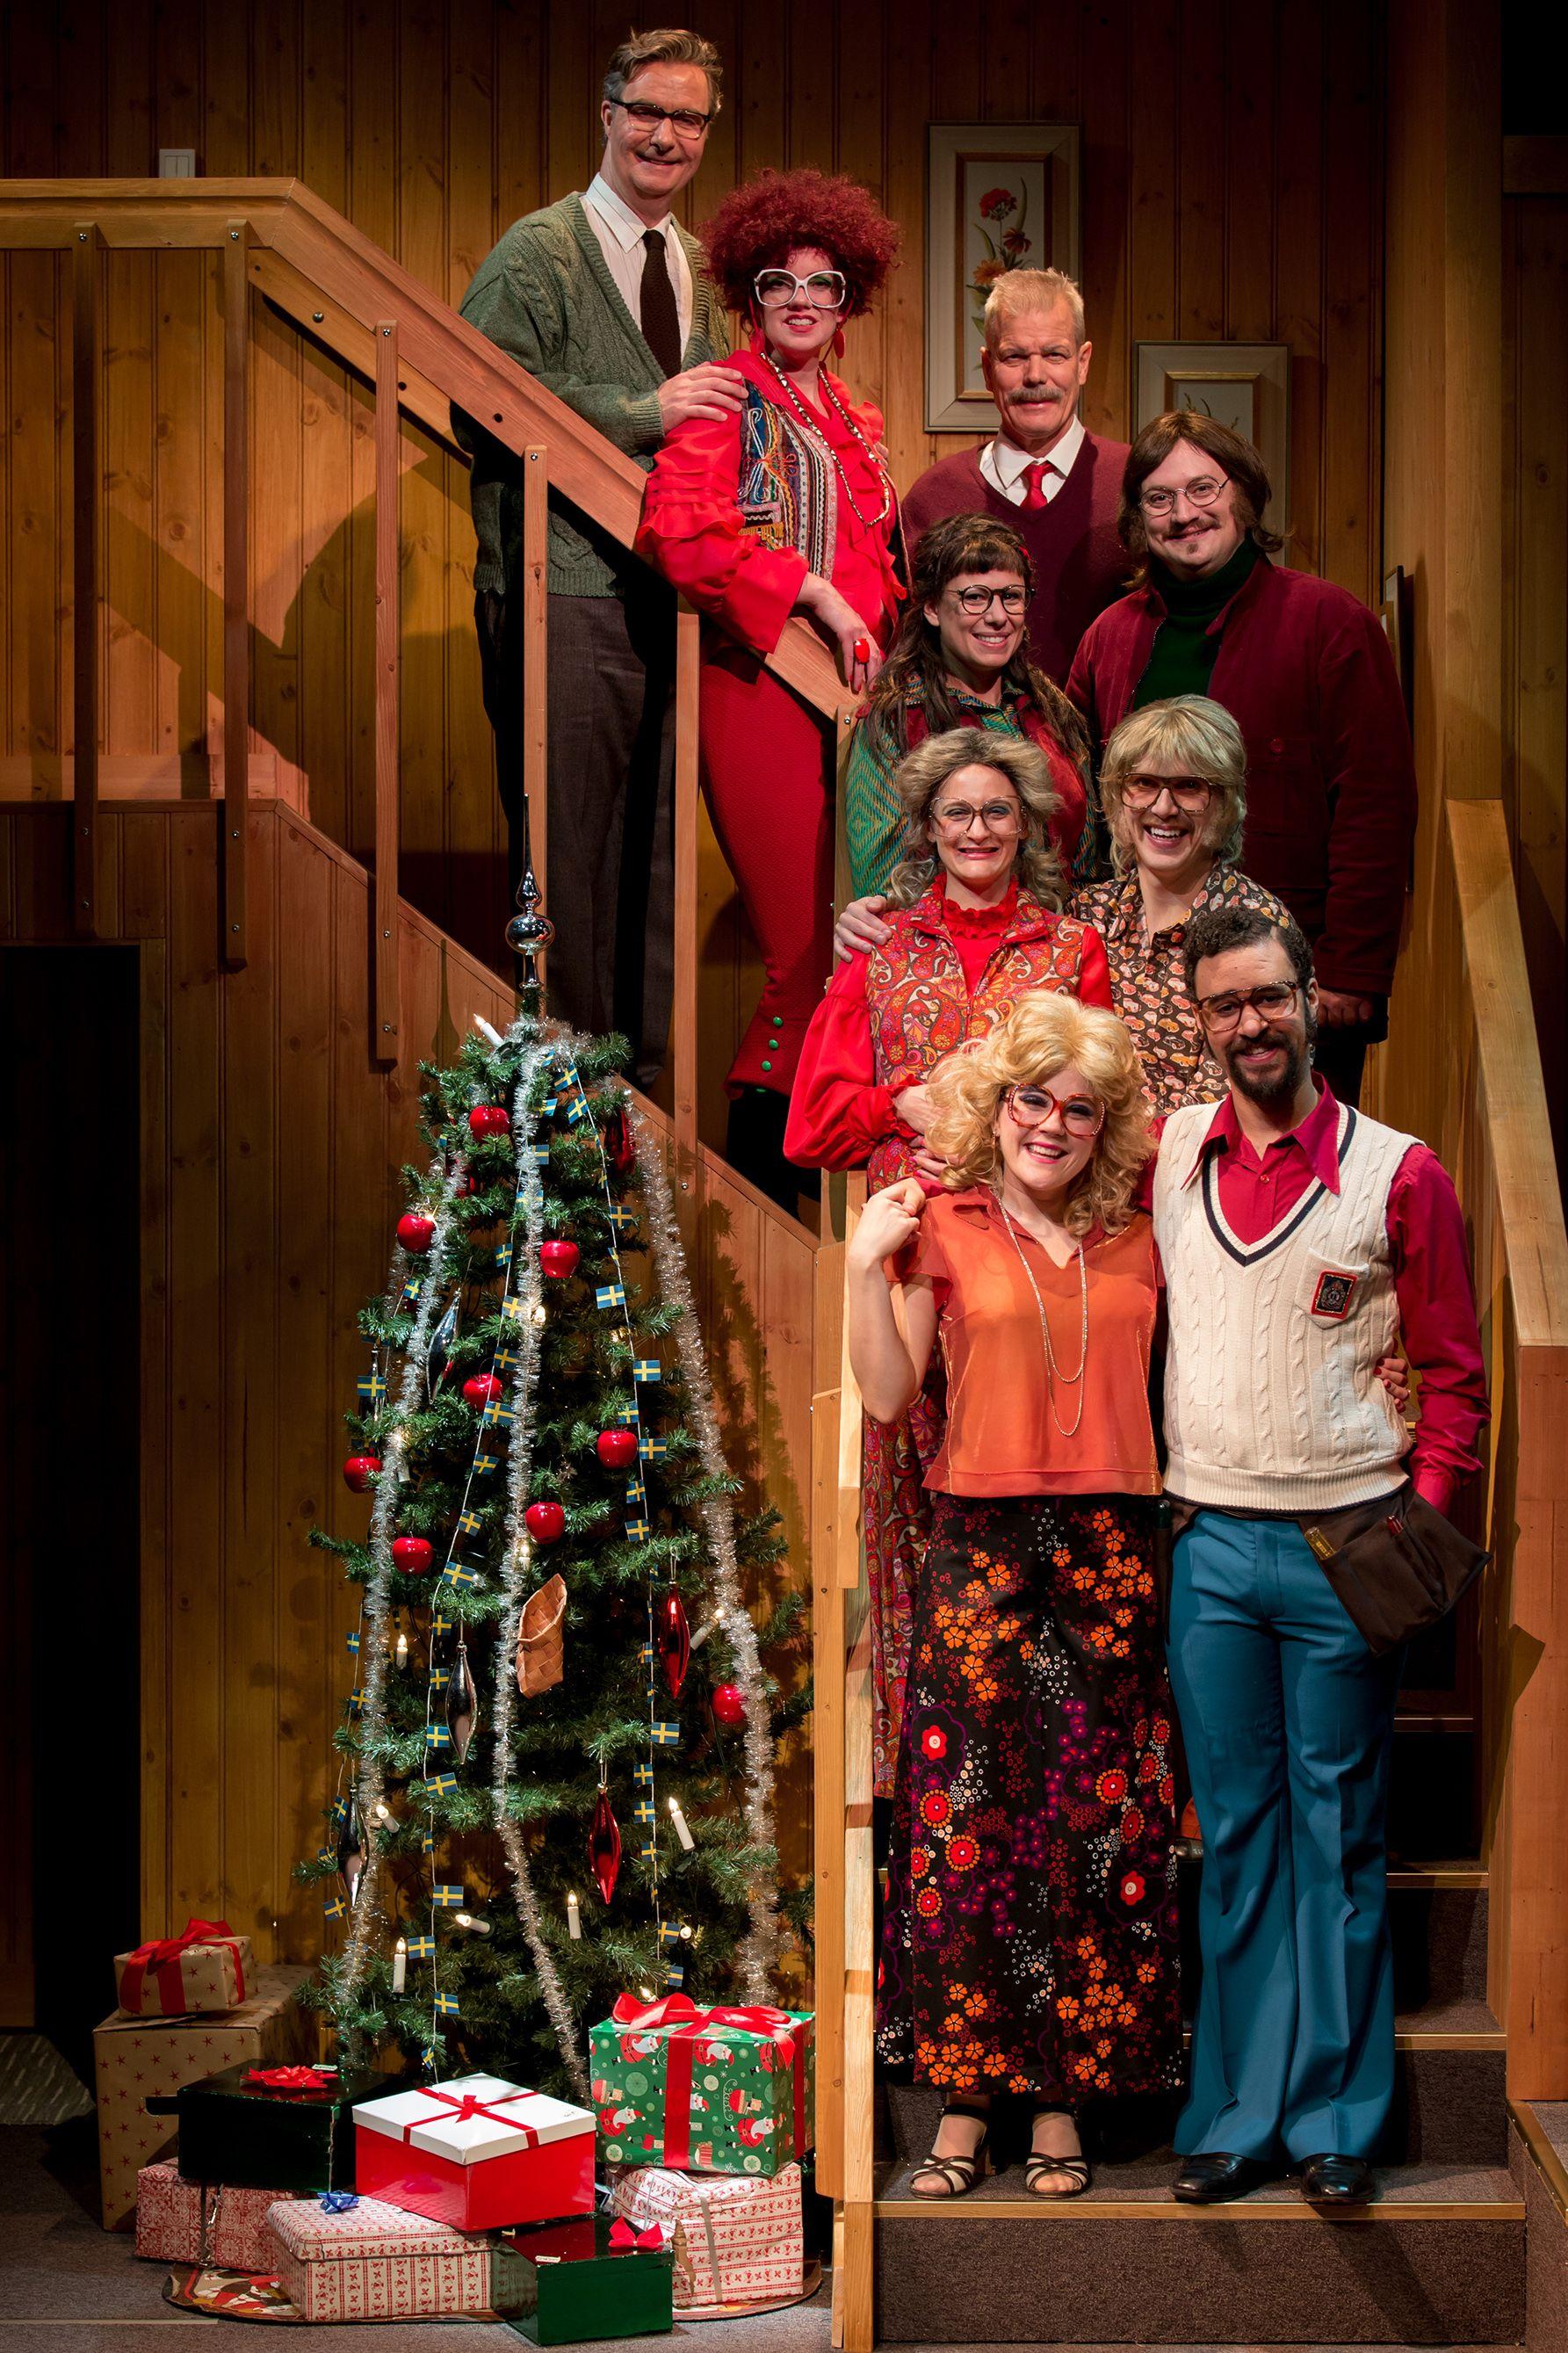 Hela släkten samlad! En fröjdefull jul av Alan Ayckbourn. Scenograf Mona Knutsdotter. Kostymdesigner Ina Andersson. Fotograf Marcus Hagman.